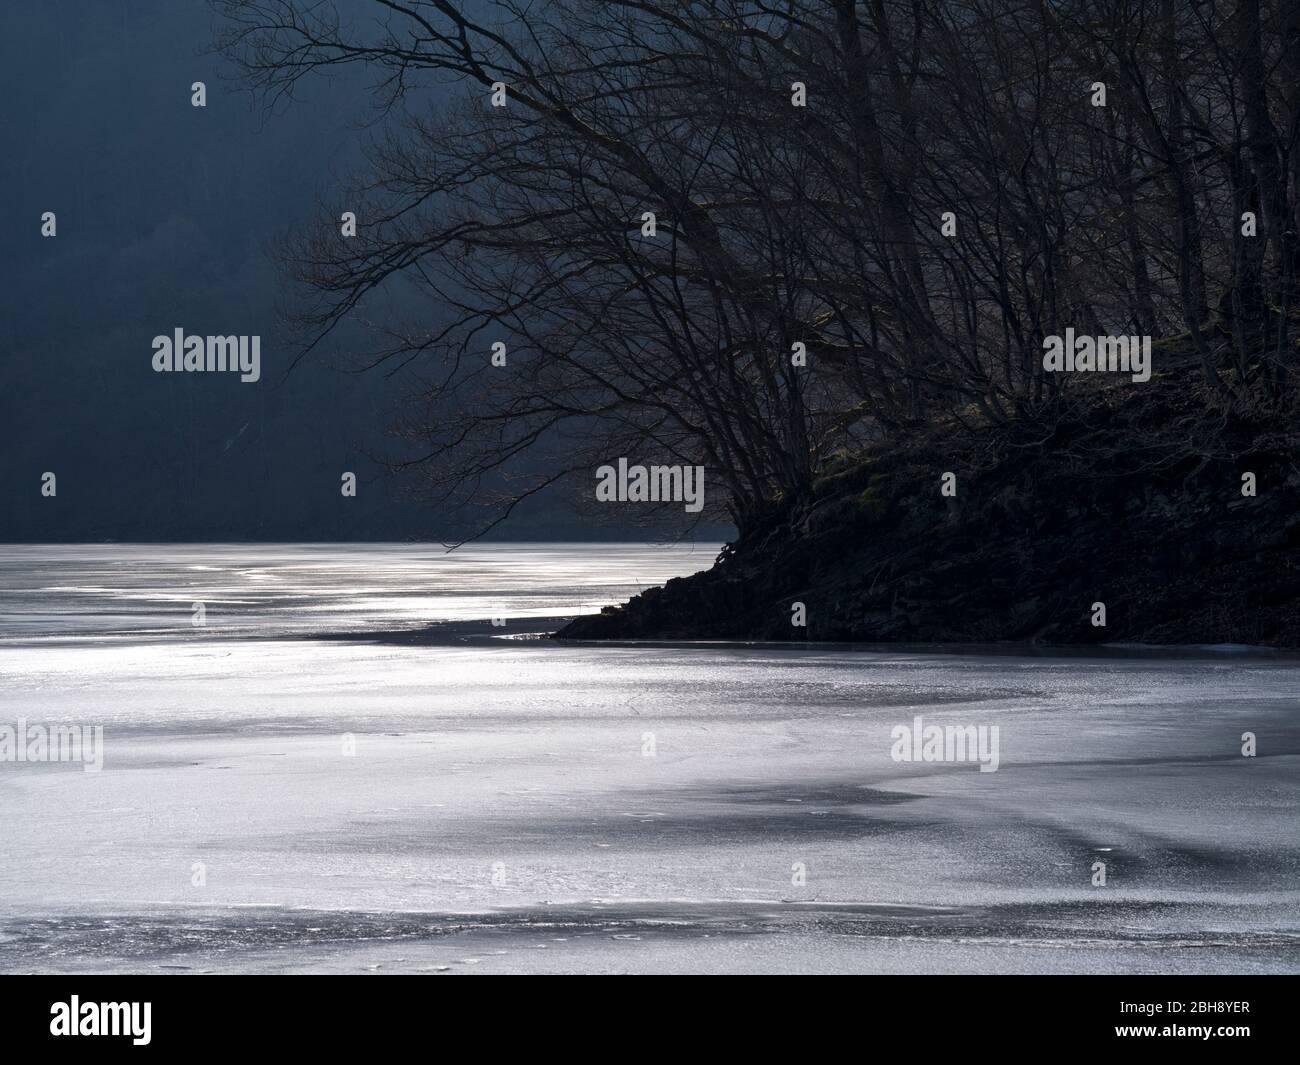 Europa, Deutschland, Hessen, Vöhl, Nationalpark Kellerwald-Edersee, Winterlicht an der Wooghölle, Buchenwald, glitzerndes Eis Stock Photo